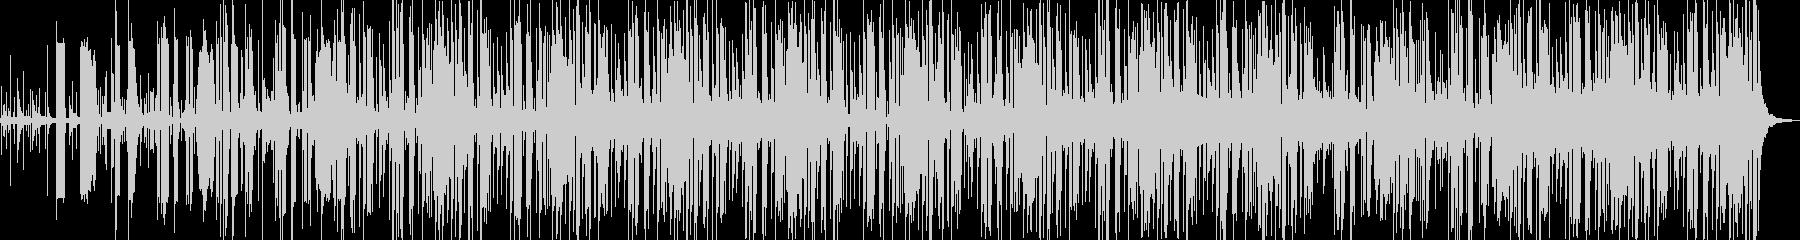 エスニック系のエレクトロポップの未再生の波形